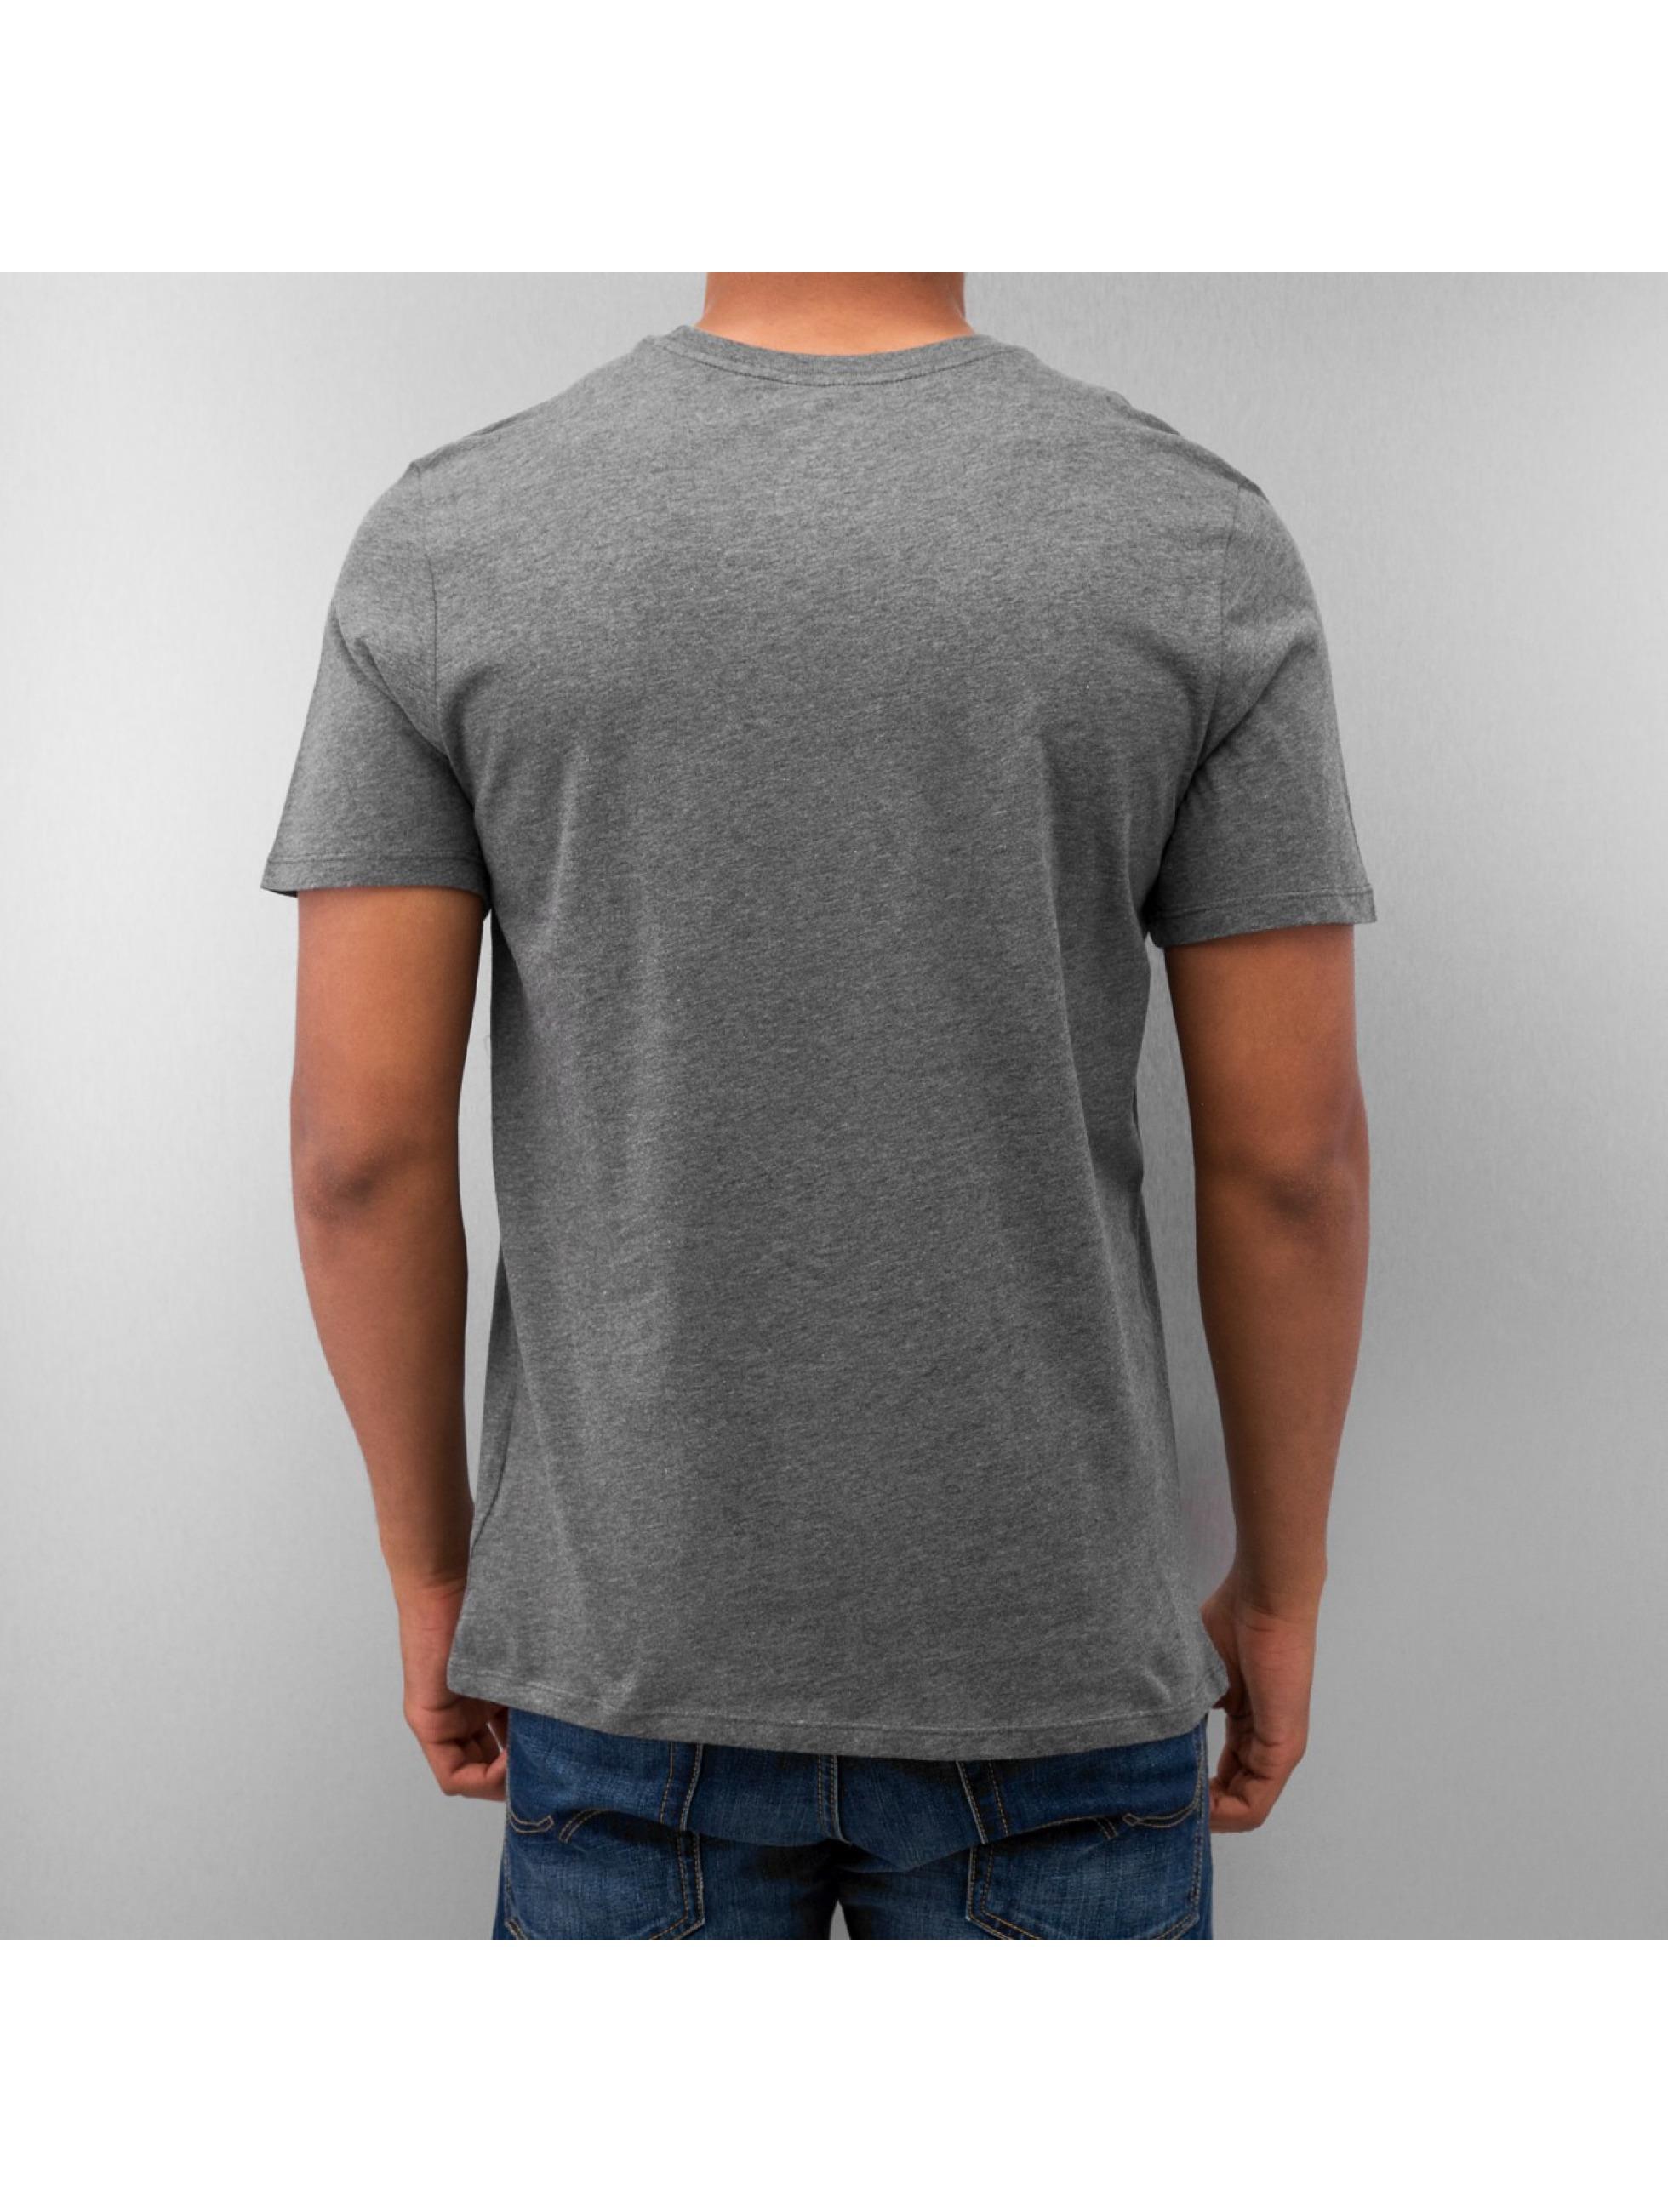 Nike T-Shirt New JDI Swoosh grau